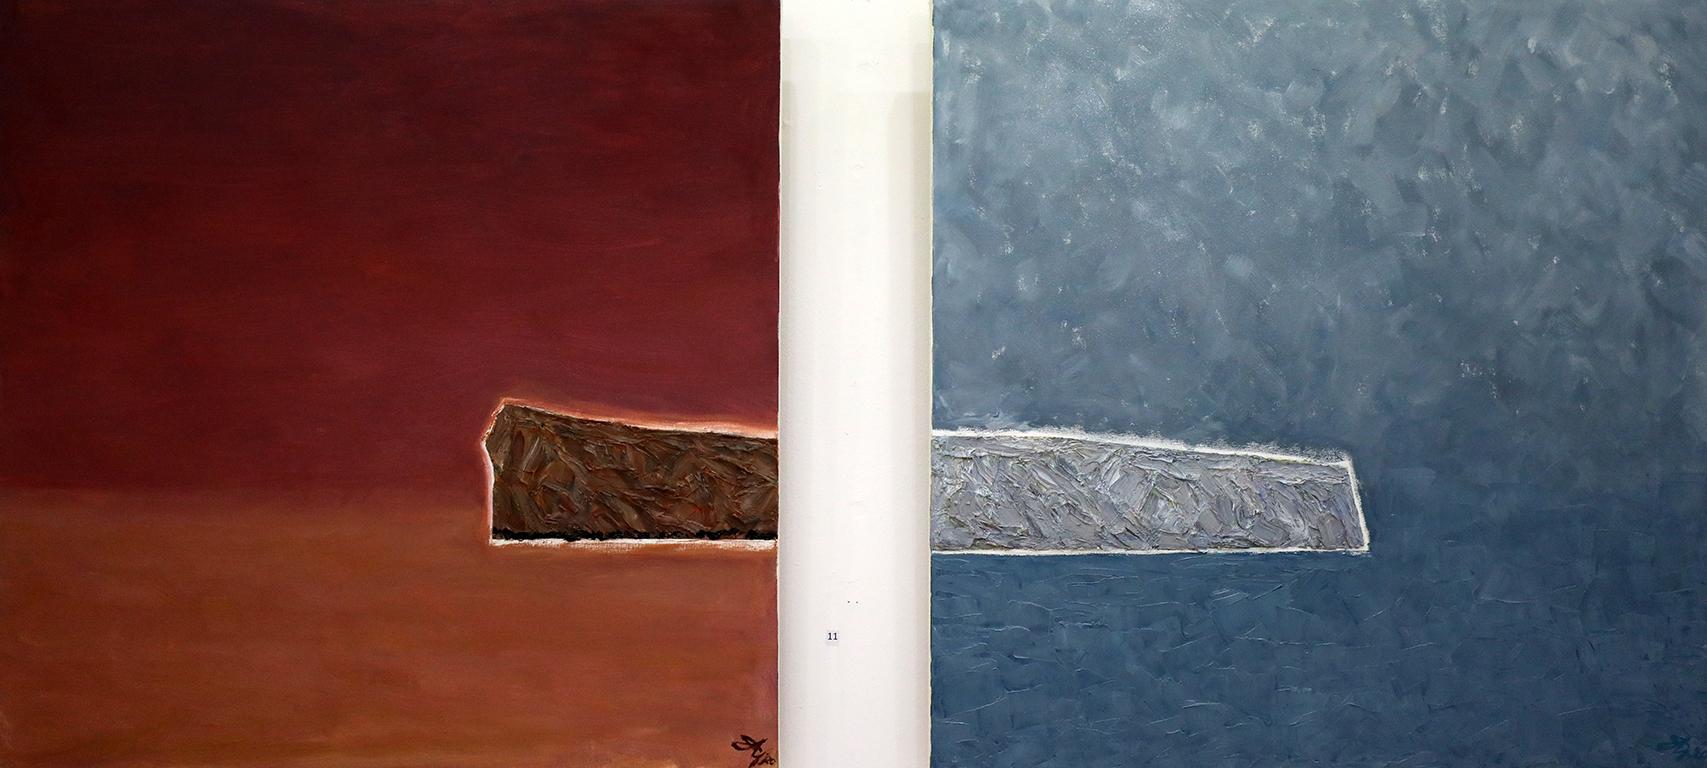 <p>Самият той нарича изкуството си &bdquo;експресивно-абстрактна изобразителна реалност&ldquo; и пояснява, че за него водещо е емоционалното изживяване, разказано чрз цвета и живописта.</p>